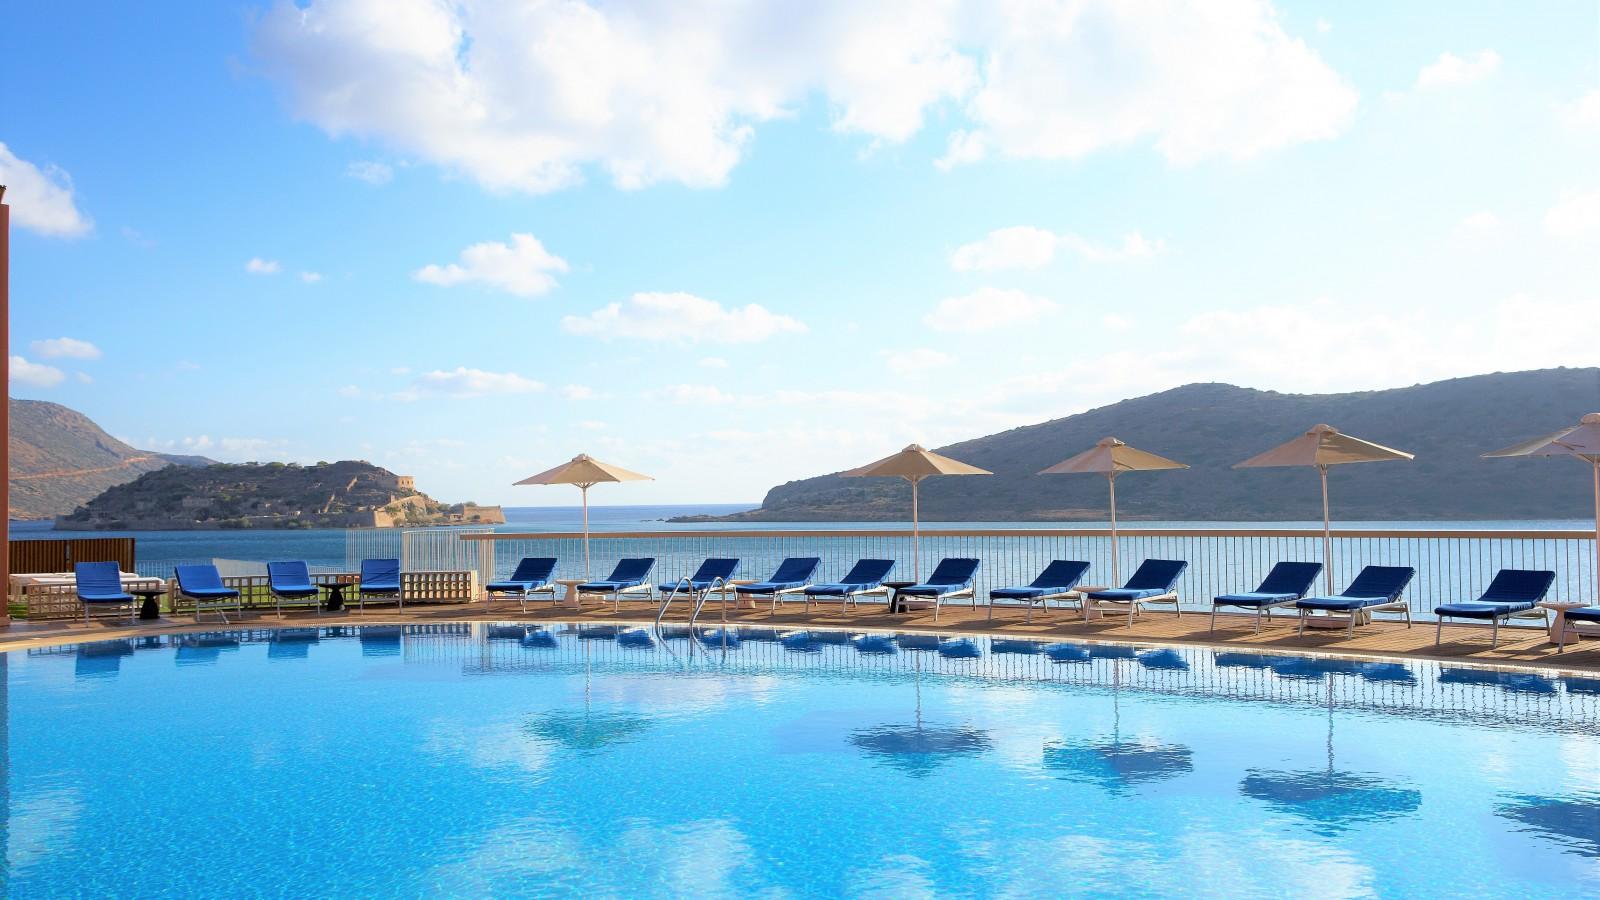 Pool at Domes of Elounda